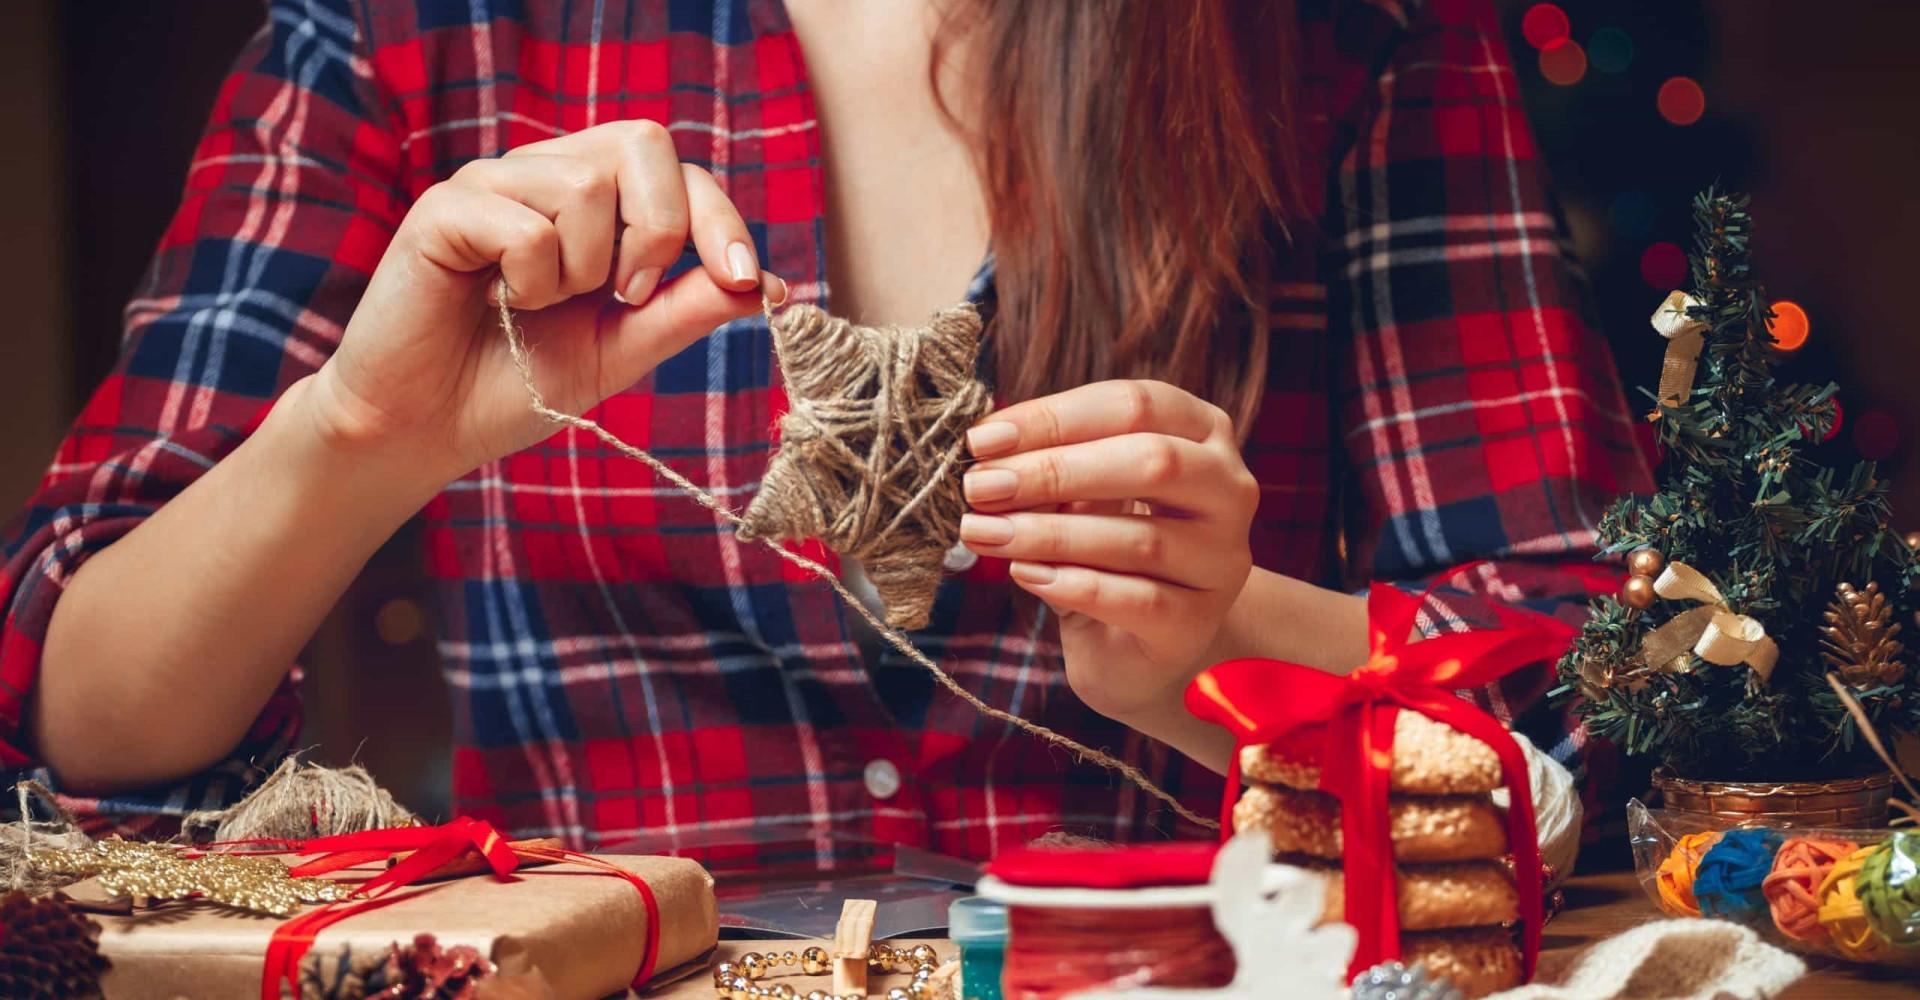 Dicas de presentes de Natal que você pode fazer e todo mundo vai amar!